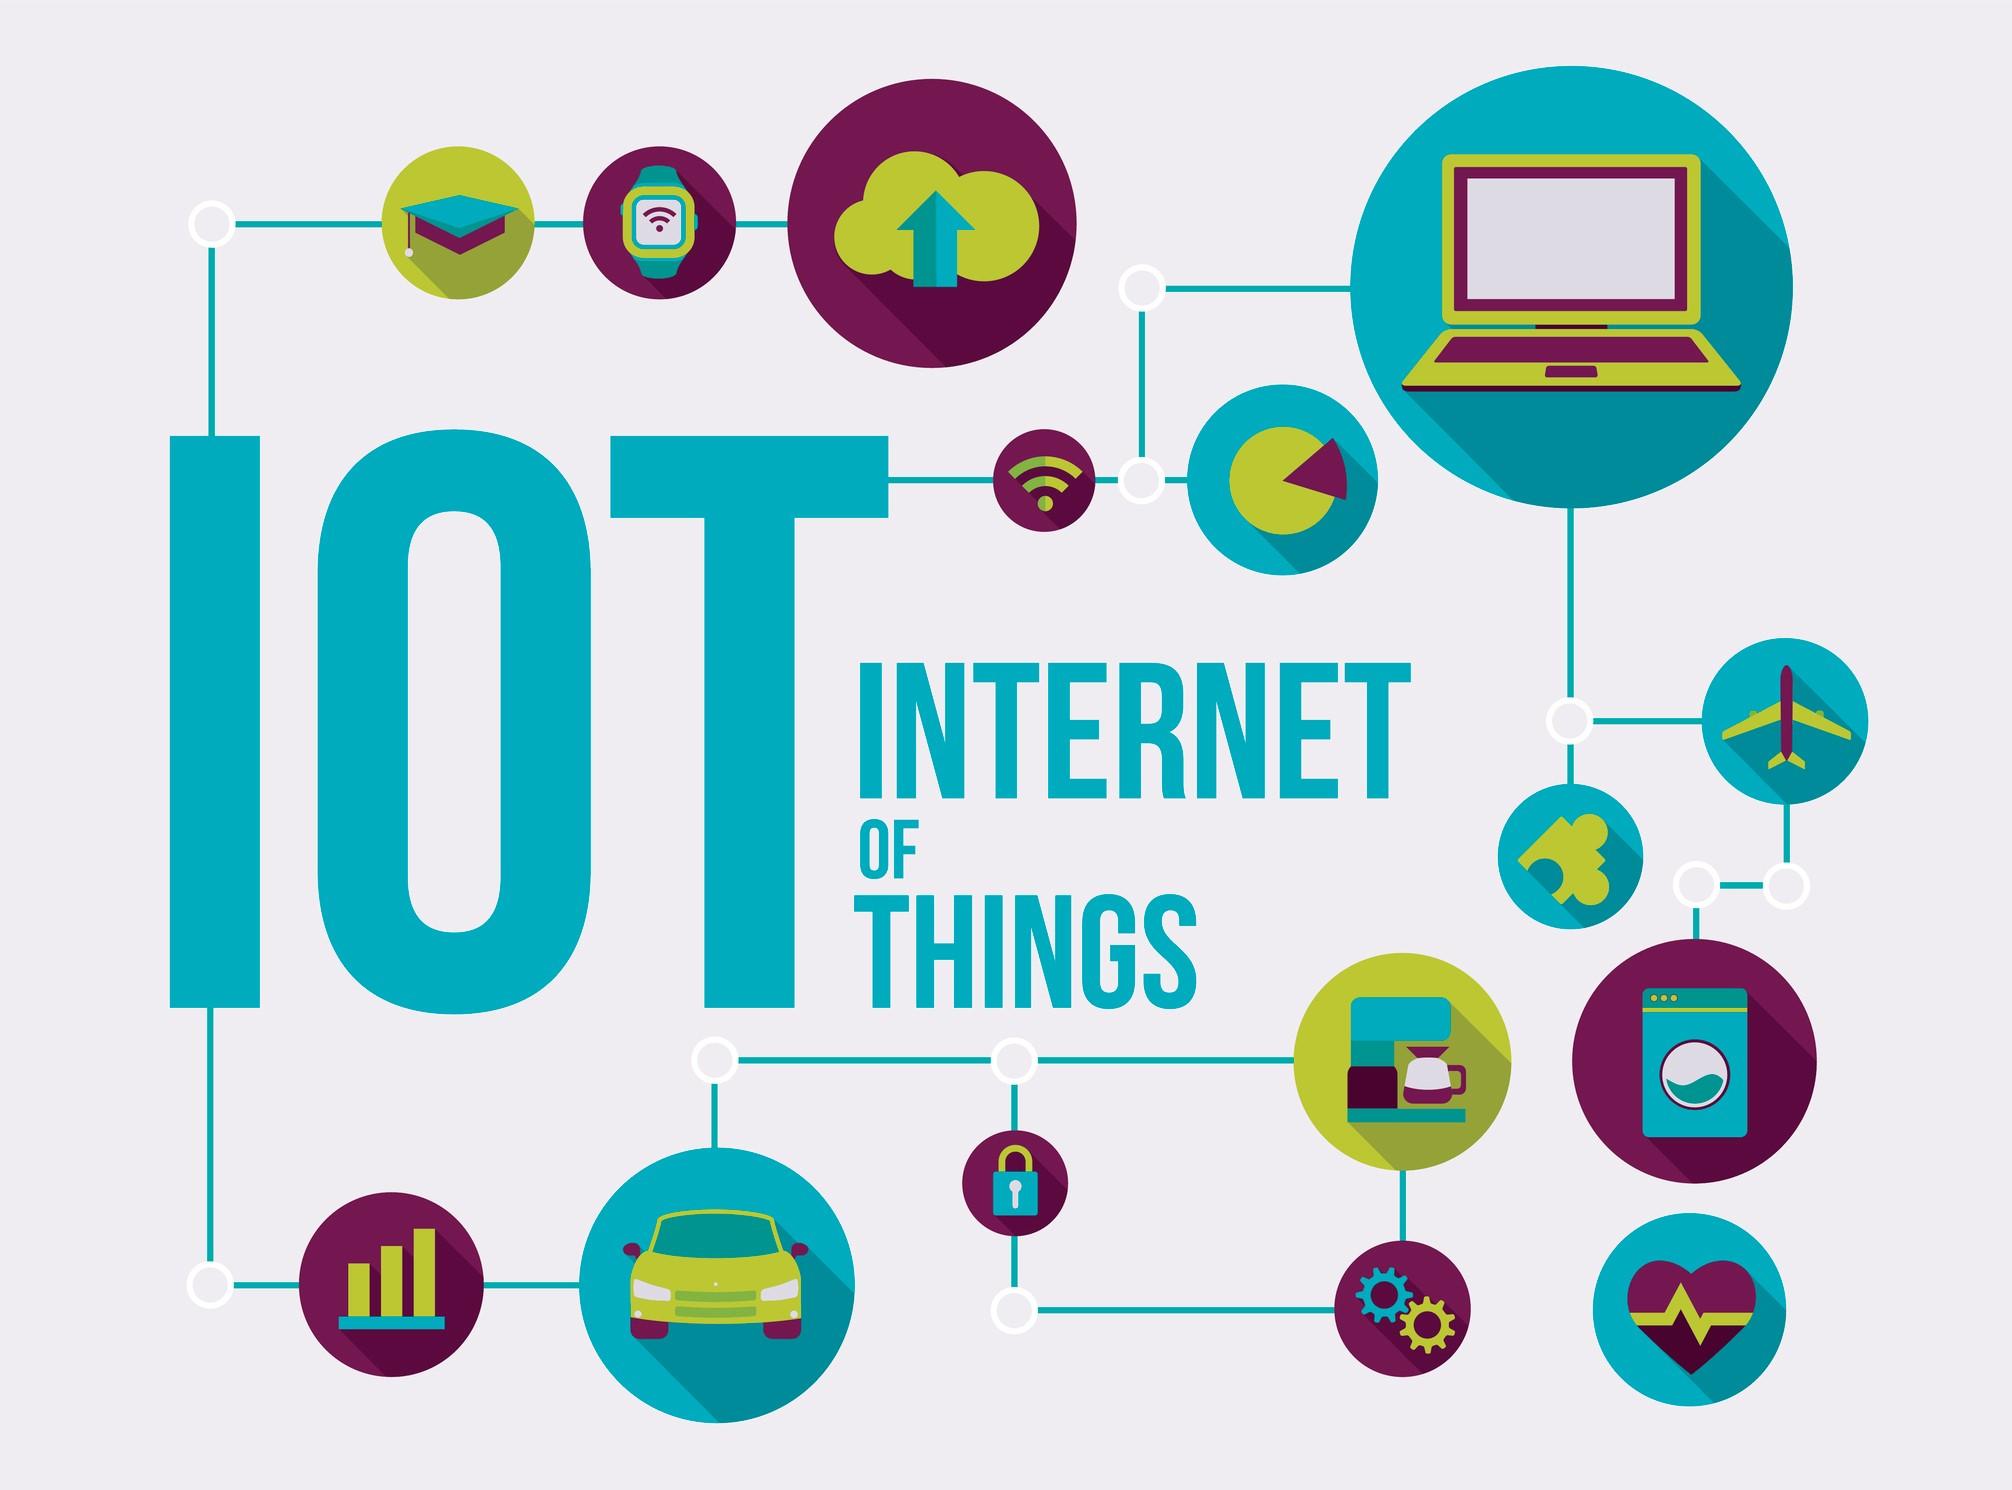 Internet vạn vật - mở ra cơ hội lớn cho khối ngành công nghệ (31/3/2019)